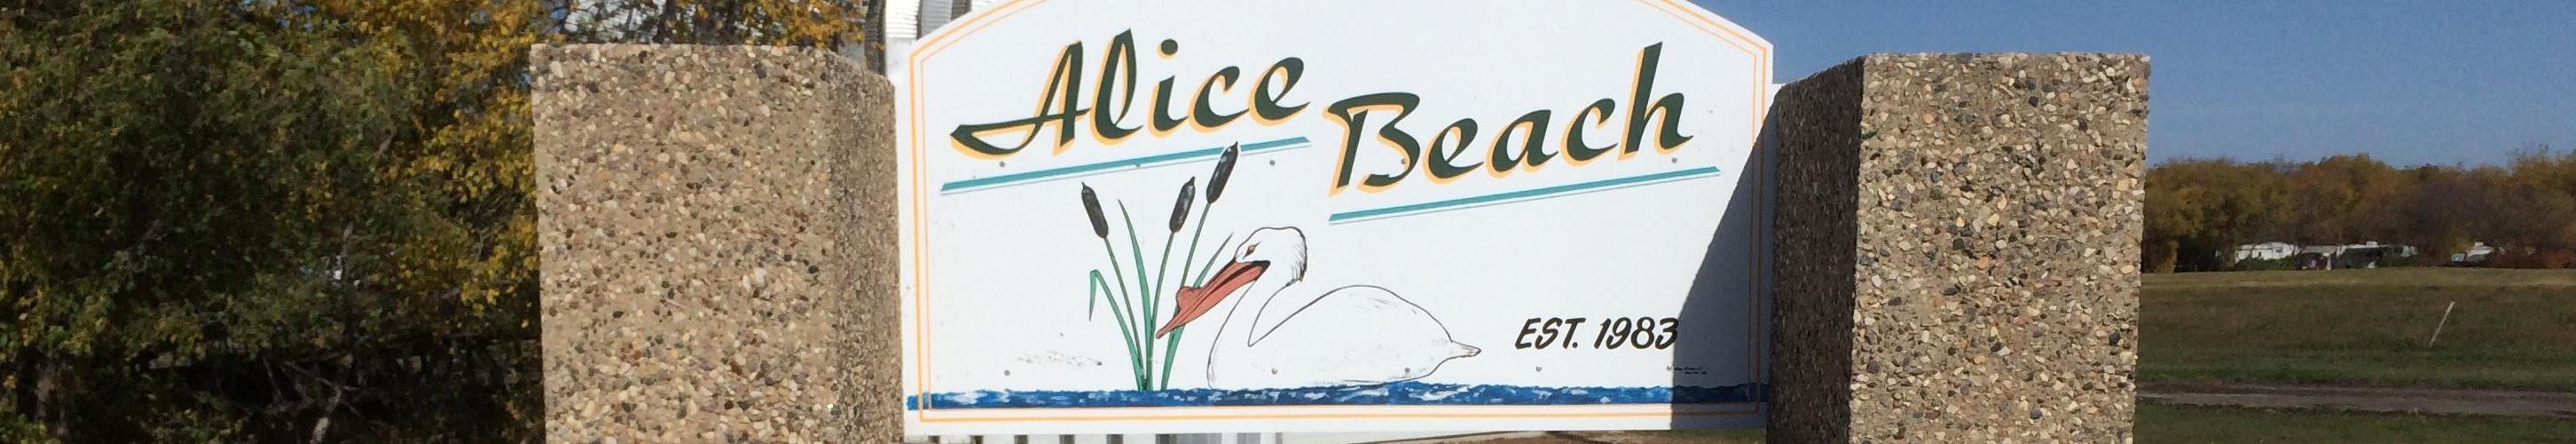 Alice Beach